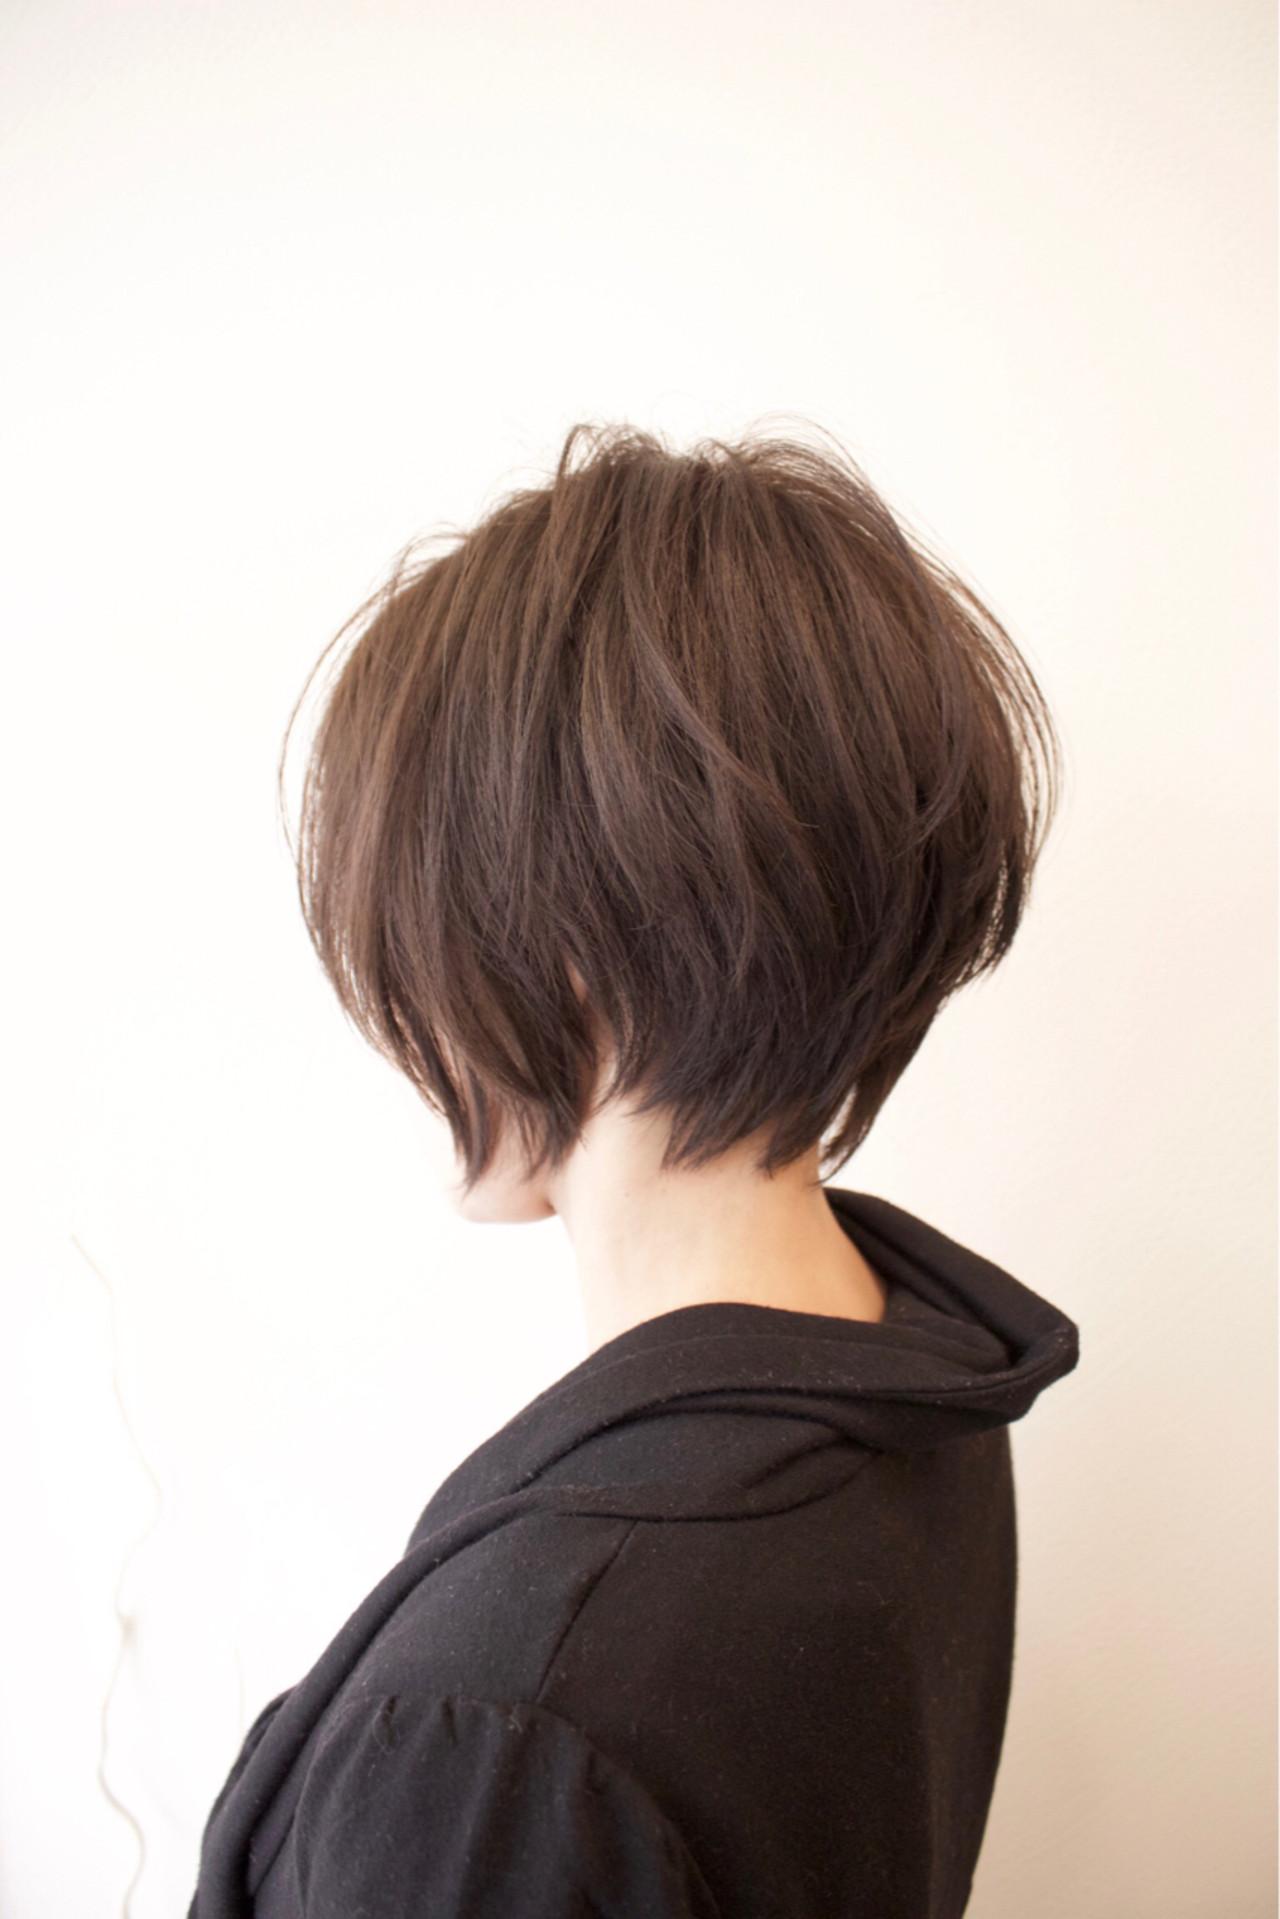 ミセス世代の髪型におすすめ!トレンドをしっかりおさえた大人仕様のスタイル Shintaro Kaida